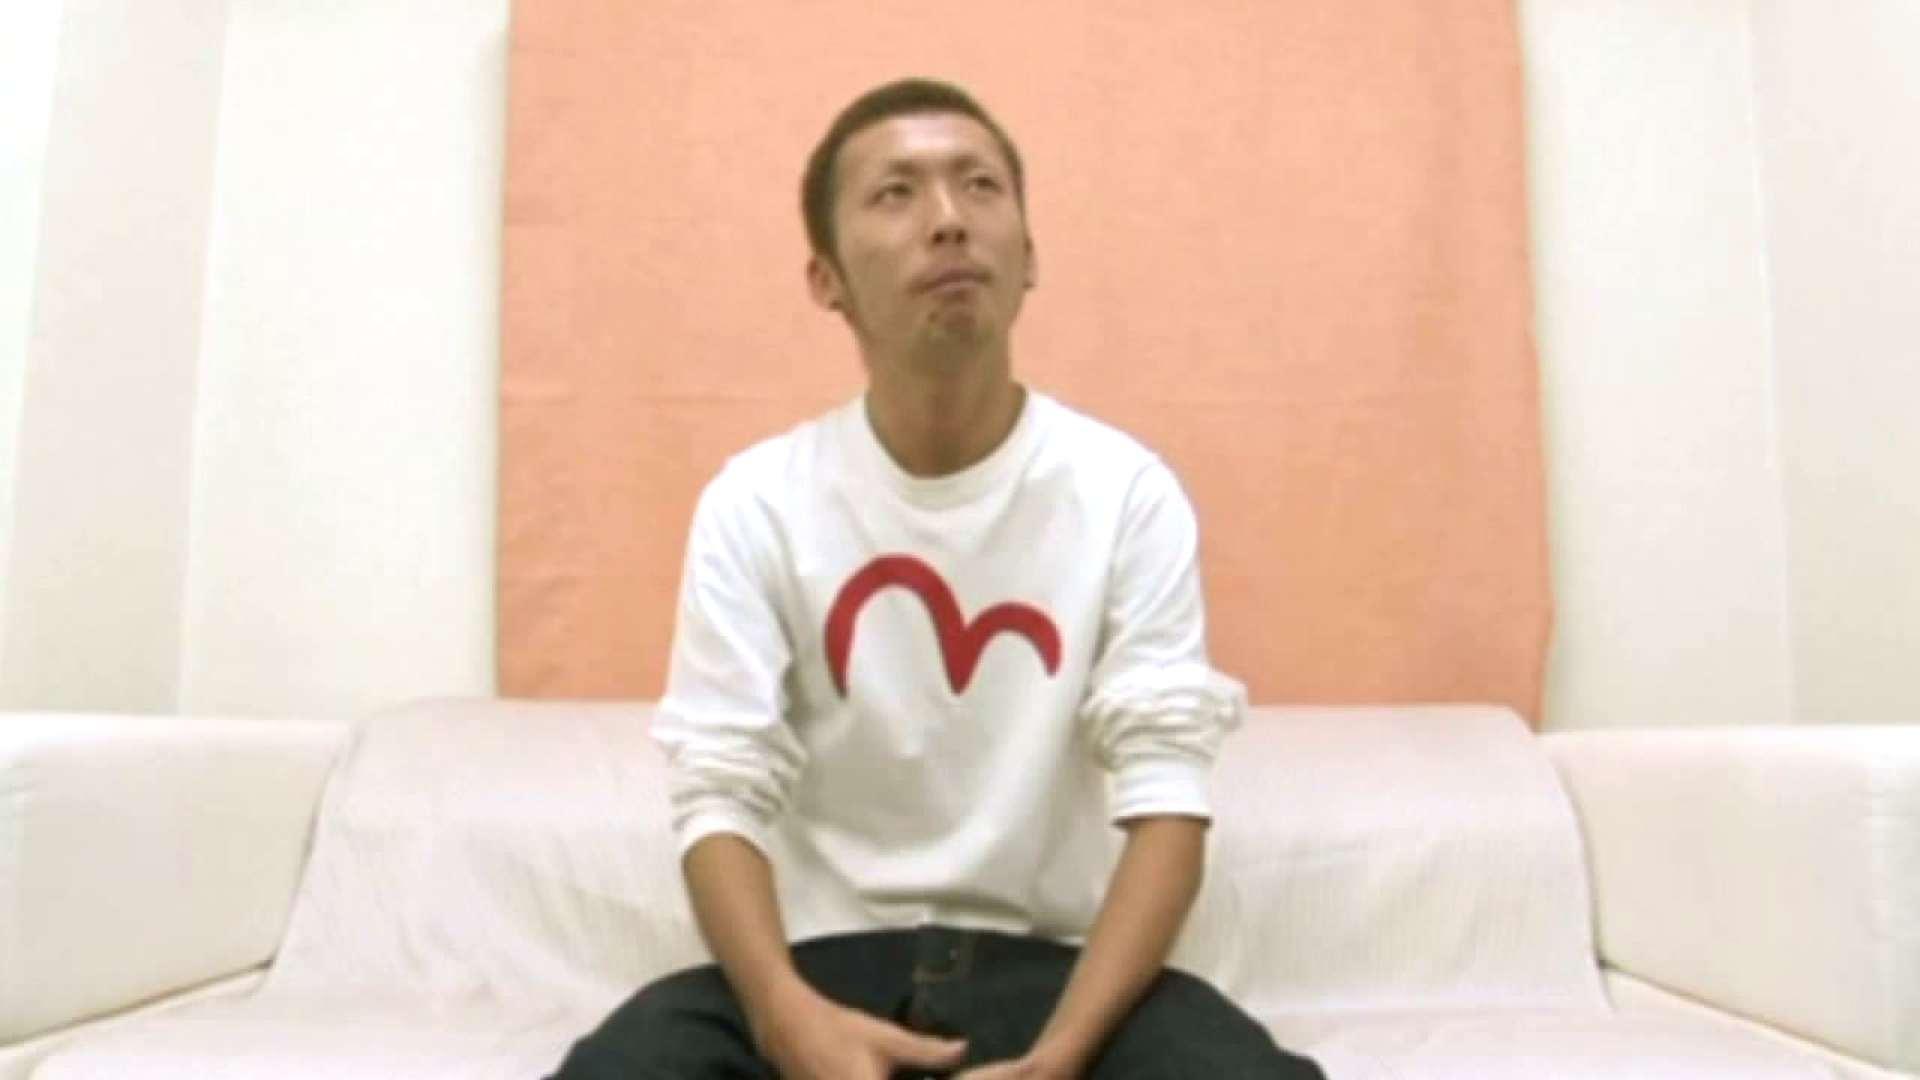 ノンケ!自慰スタジオ No.11 ノンケまつり ゲイアダルト画像 110枚 3